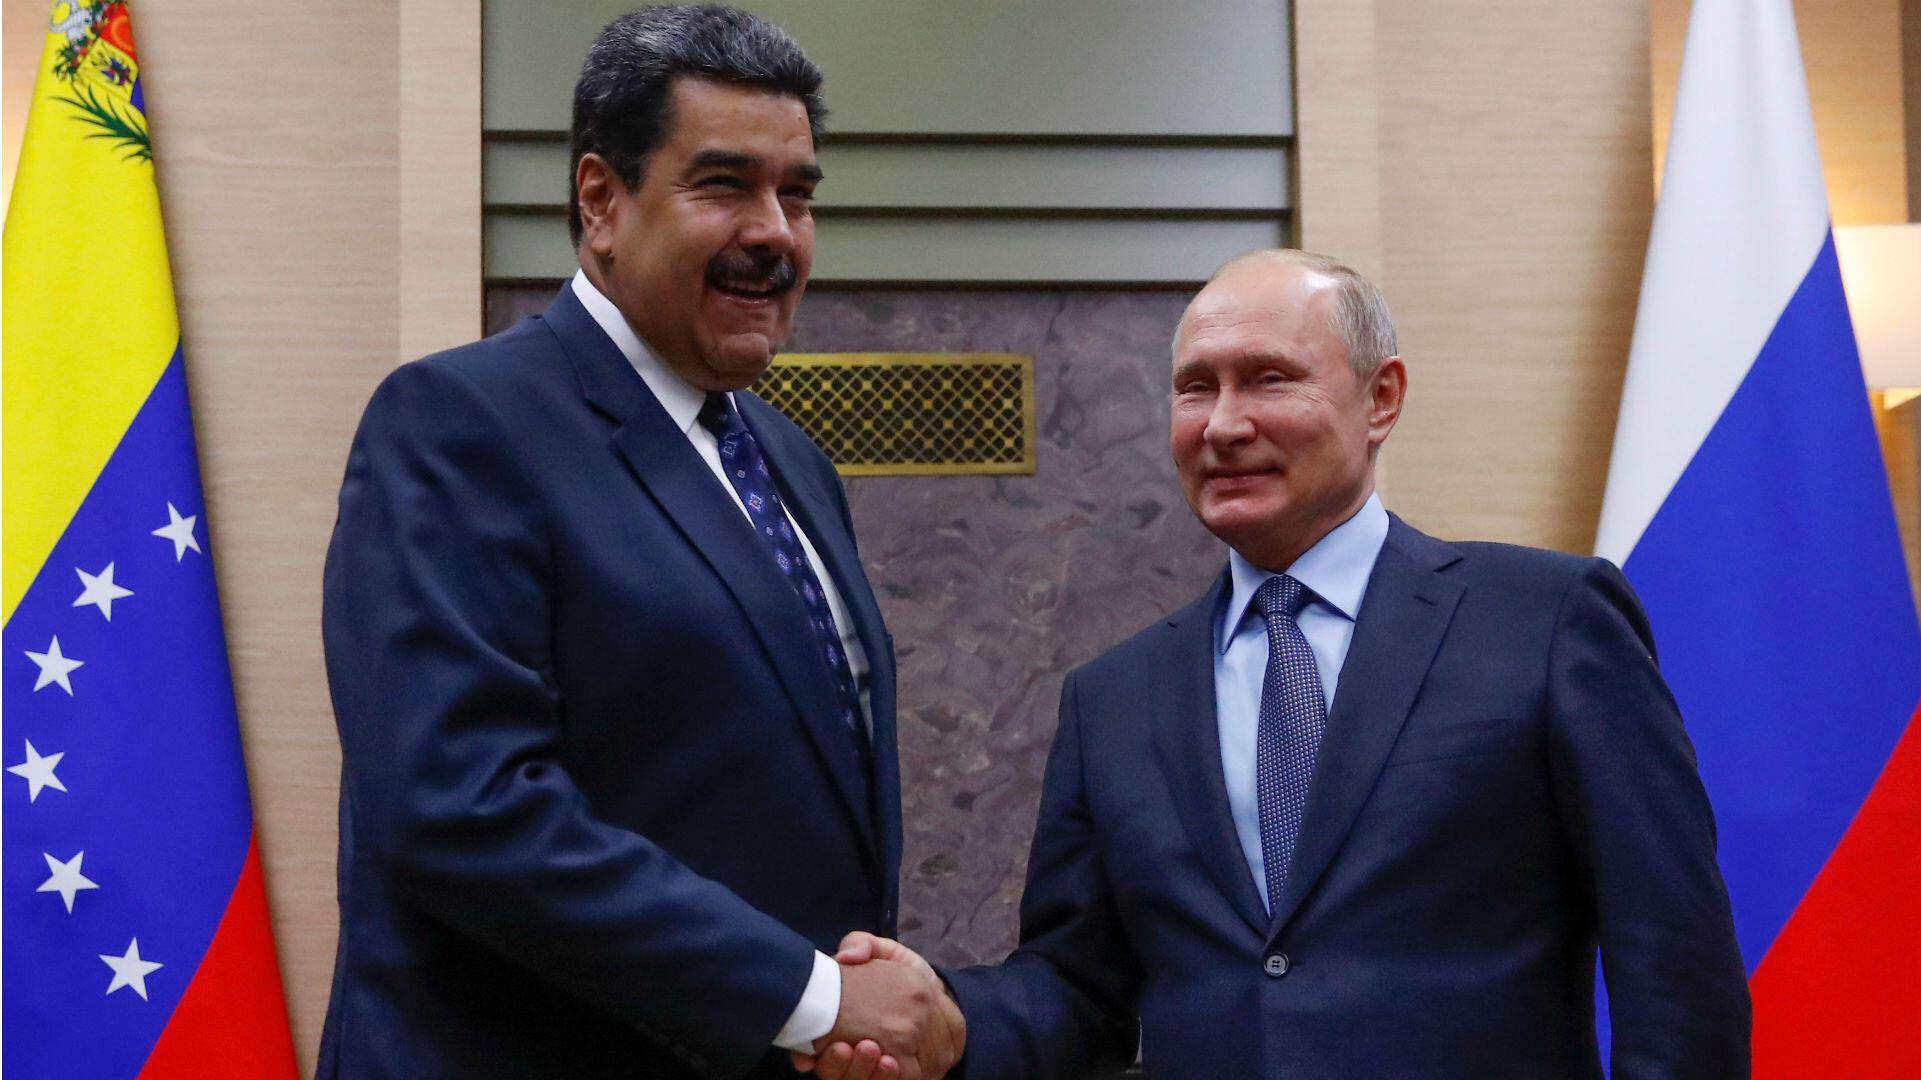 El presidente ruso Vladimir Putin, le da la mano a su homólogo venezolano Nicolás Maduro, durante una reunión en las afueras de Moscú, Rusia. 5 de diciembre de 2018.